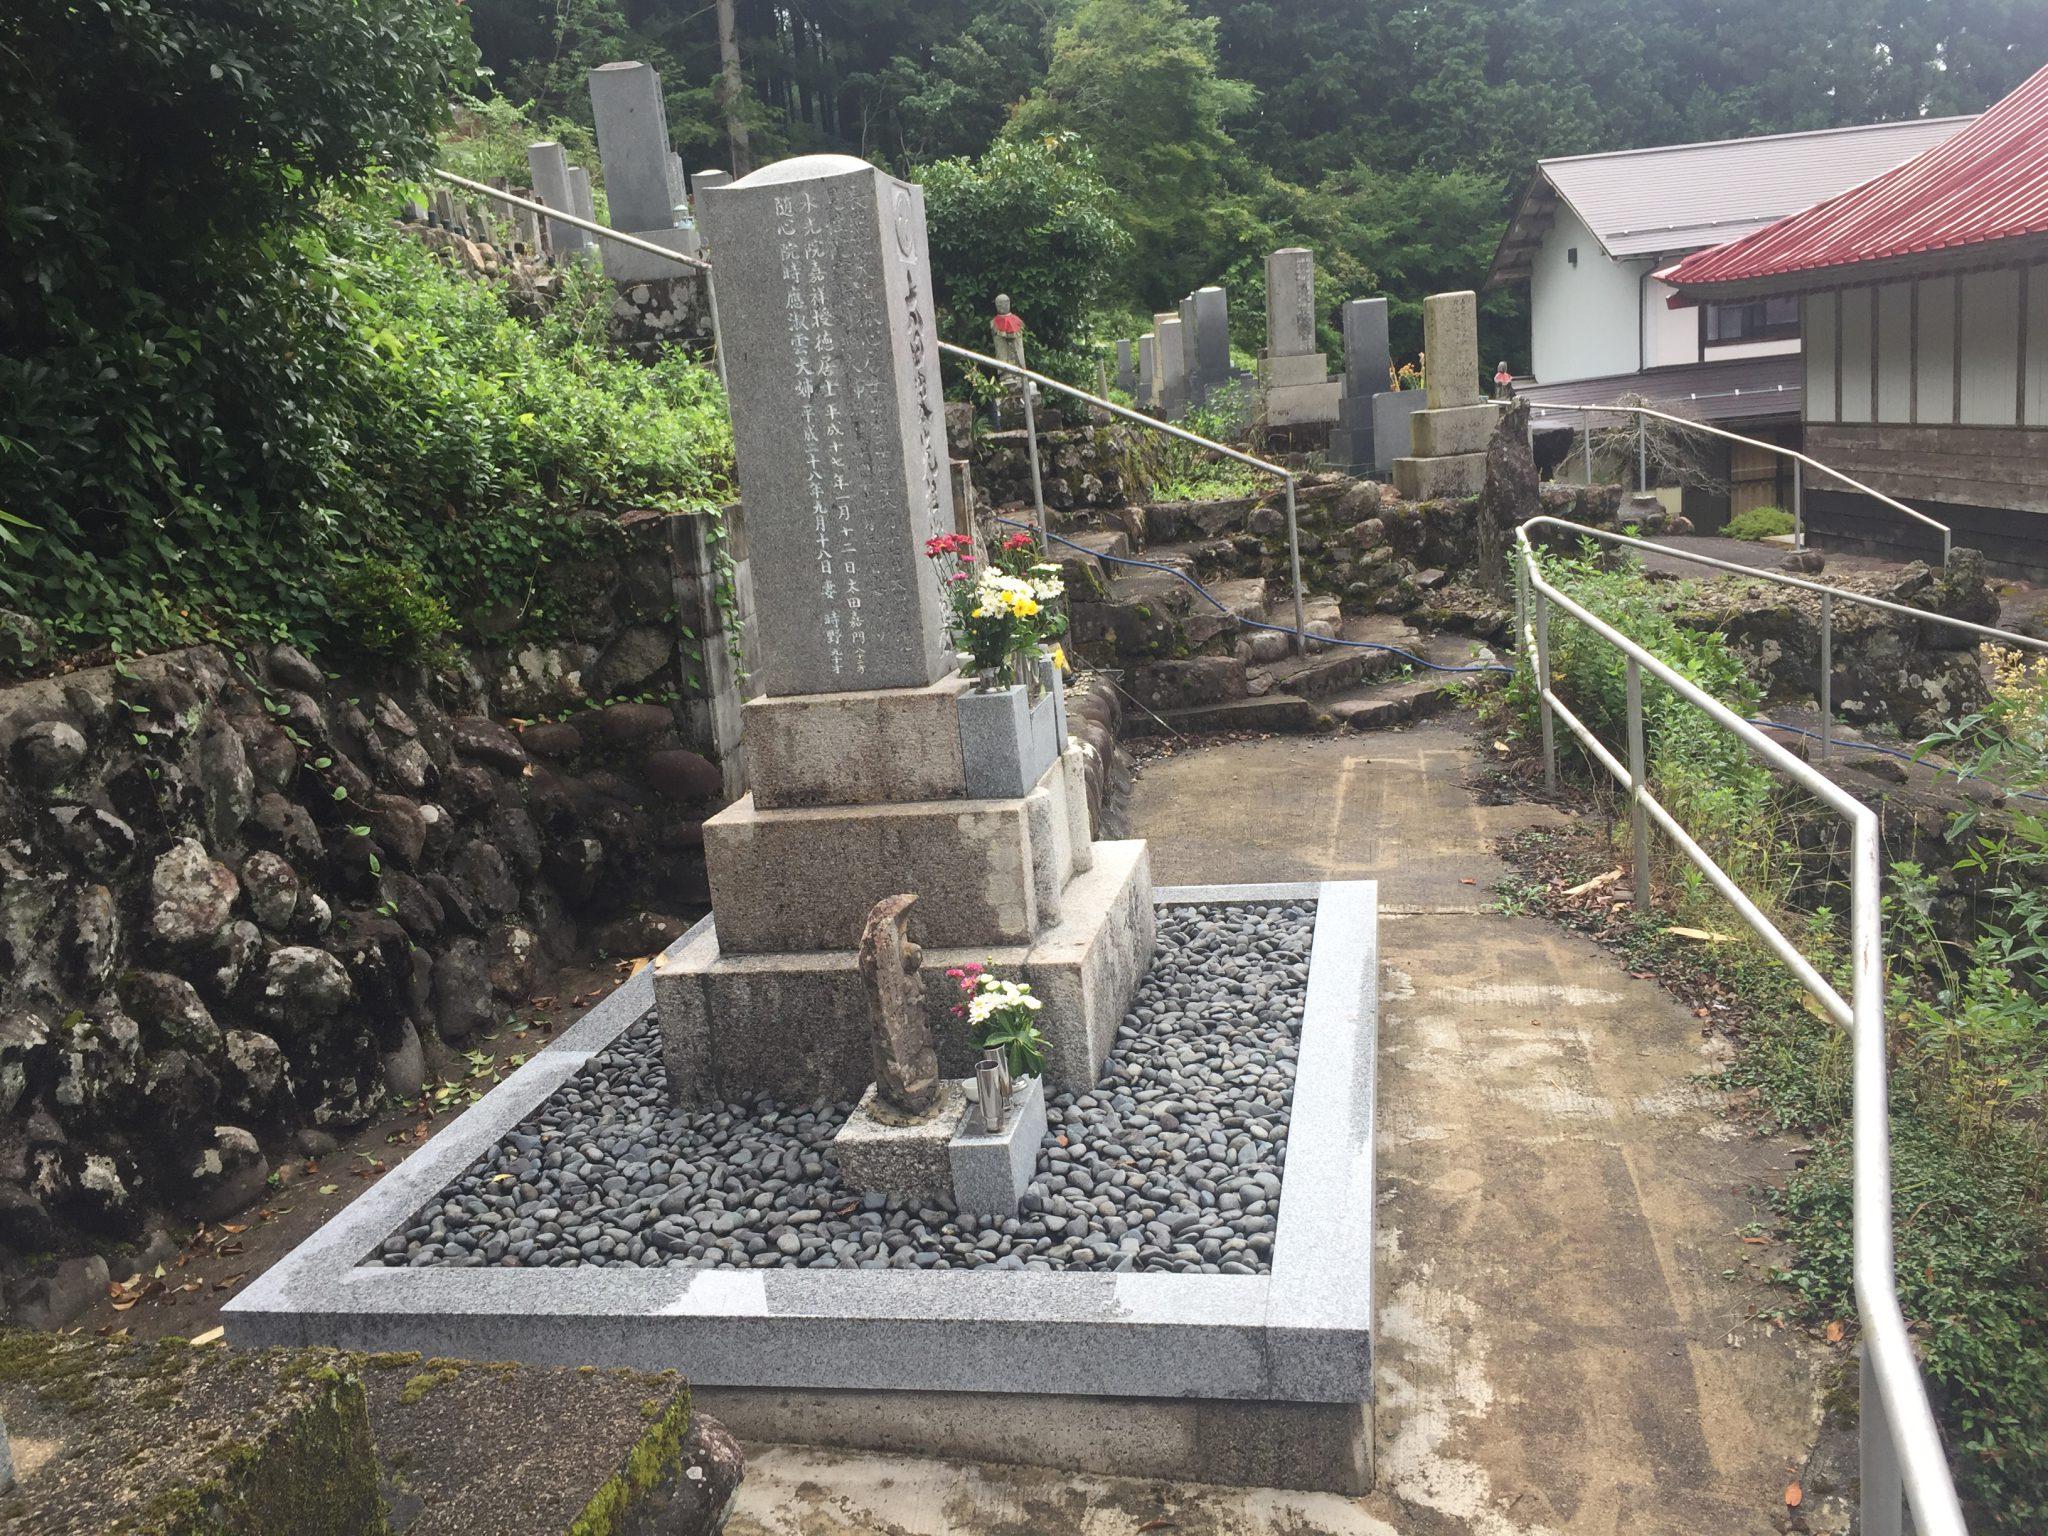 関市板取 墓石の追加文字彫と墓所のクリーニング工事